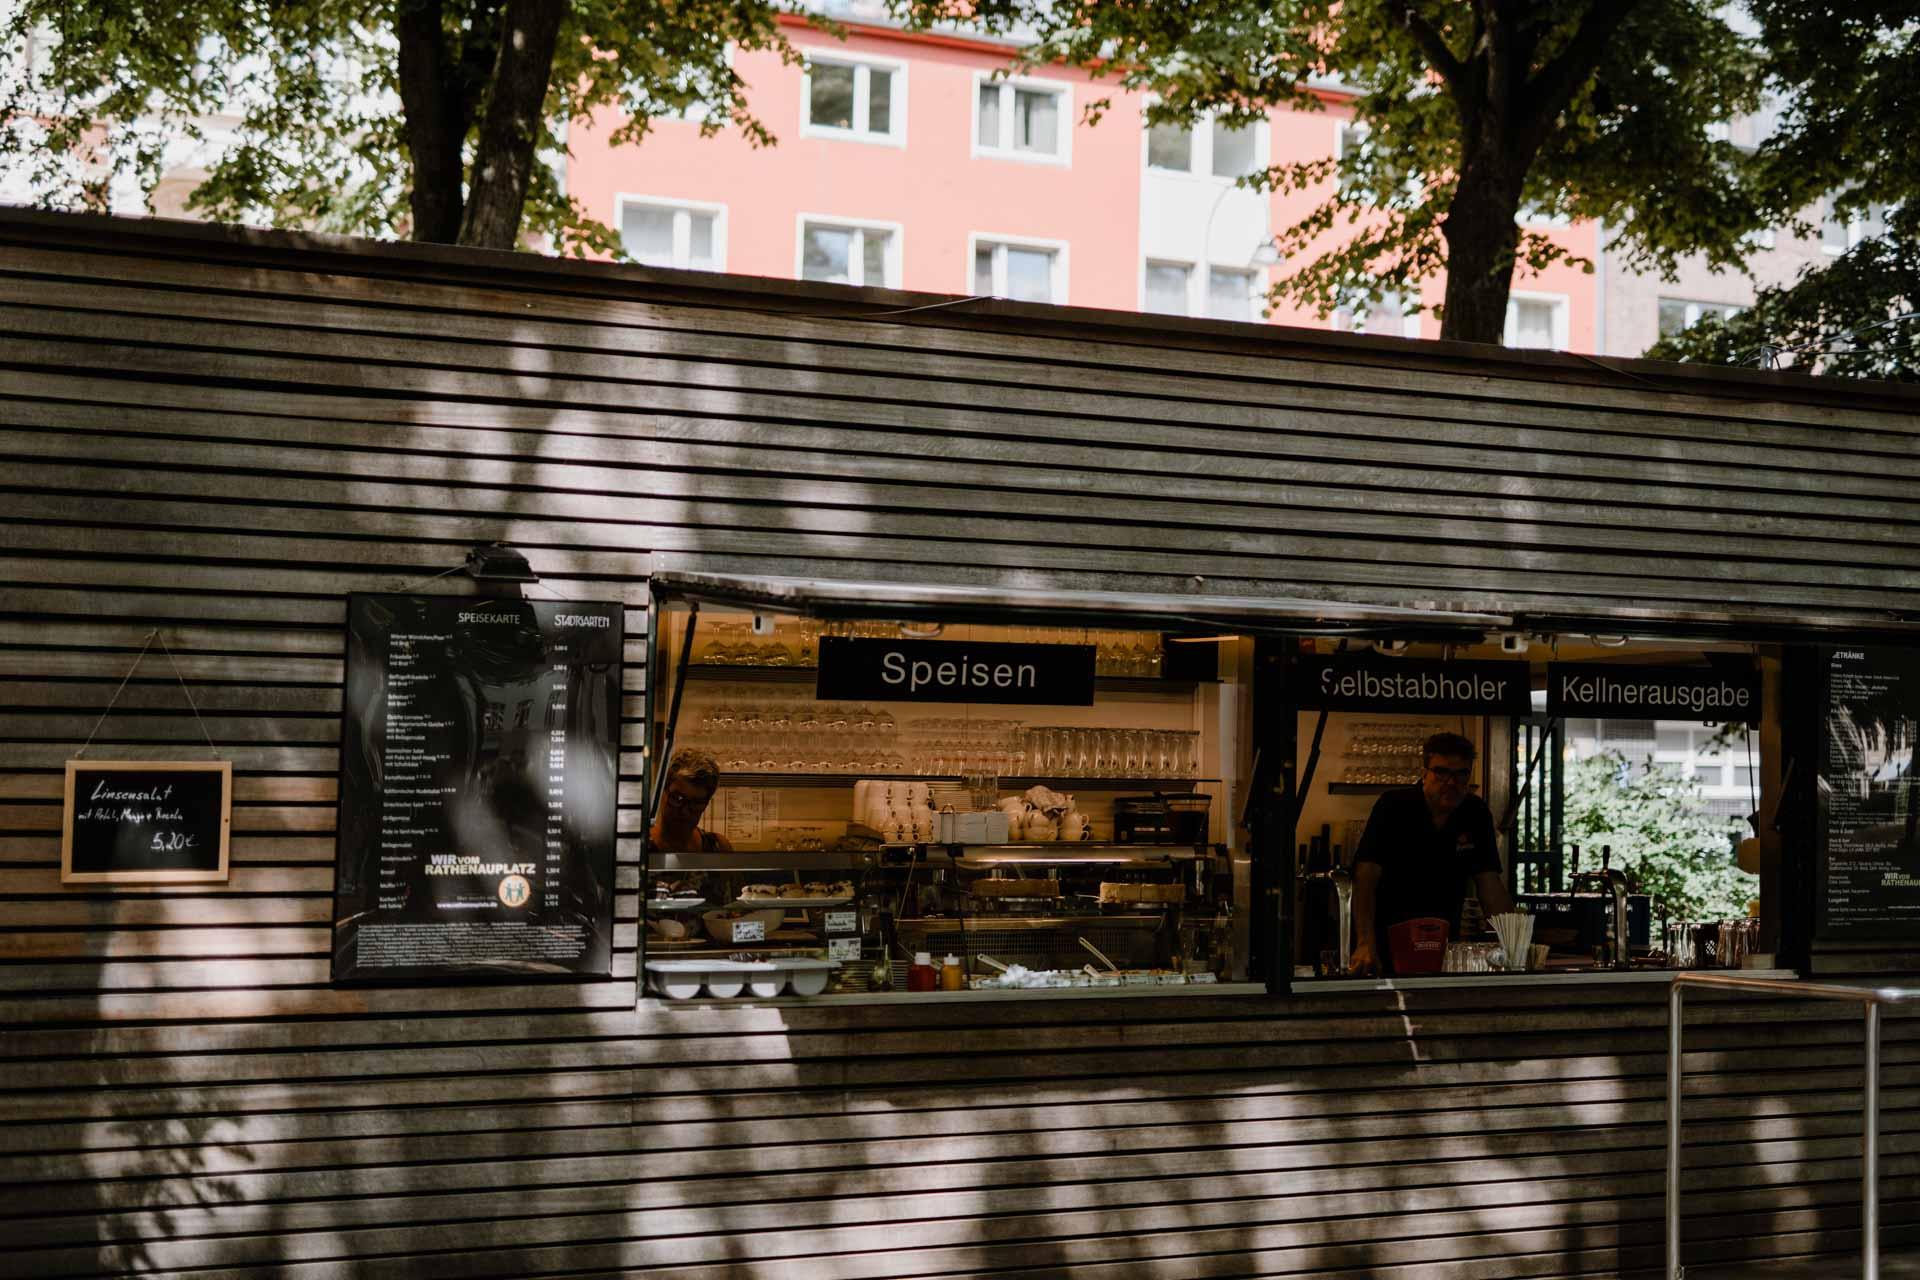 Biergärten_wearecity_koeln_julia_breuer-20.jpg